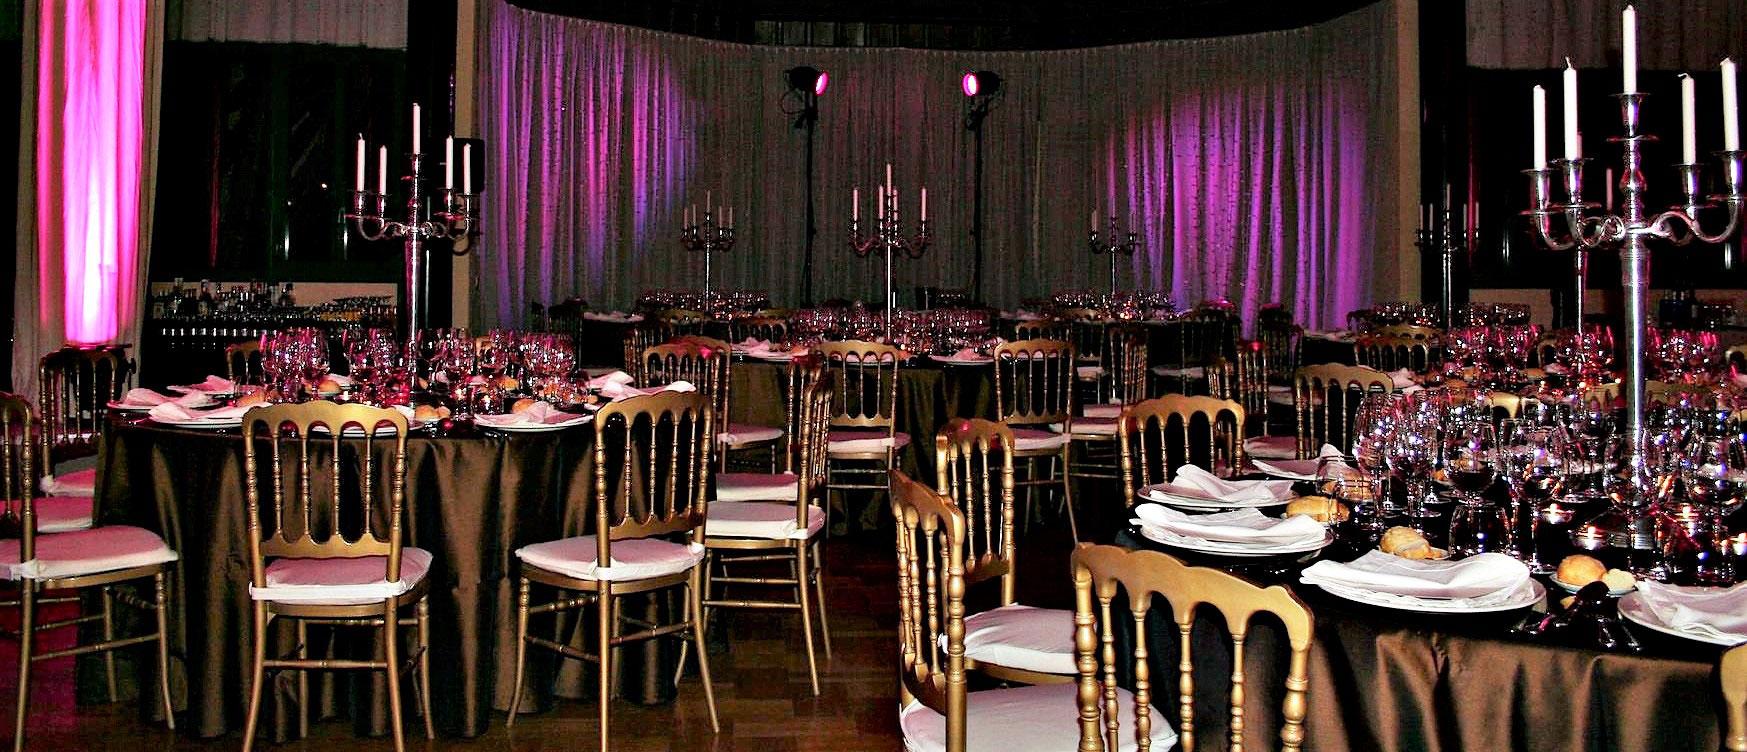 Eventos Corporativos Guadalquivir Catering